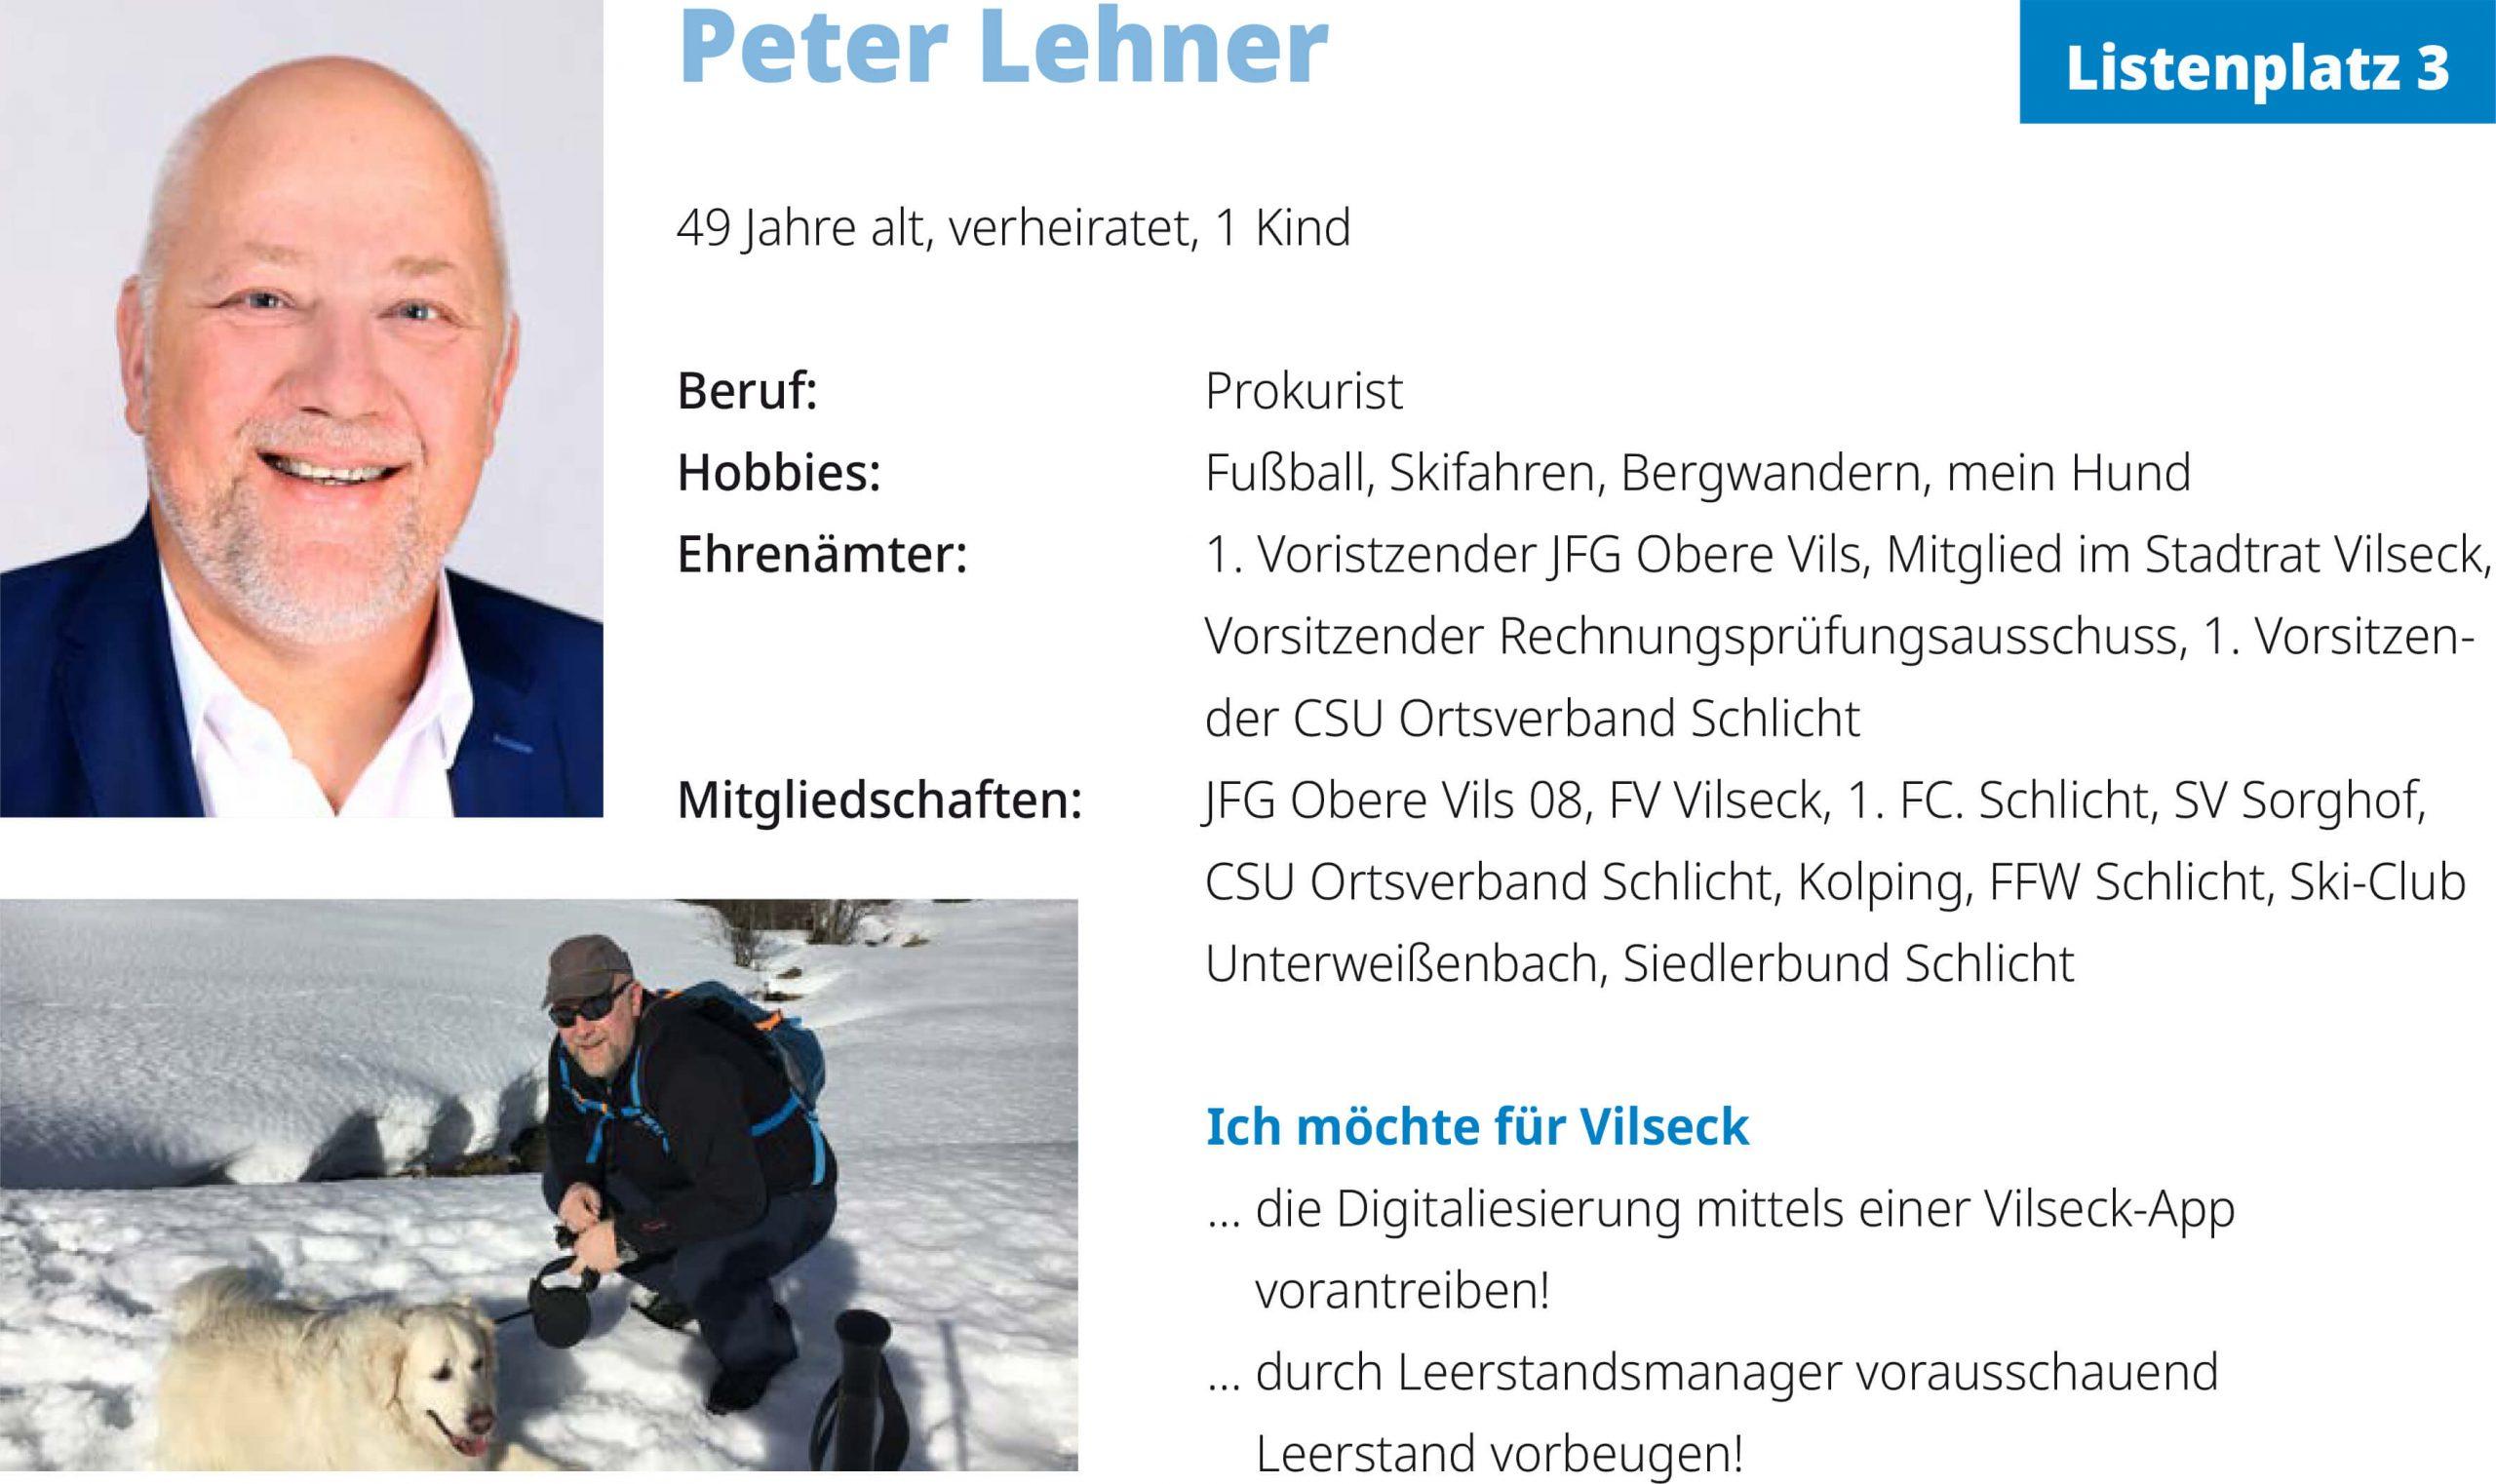 Peter Lehner